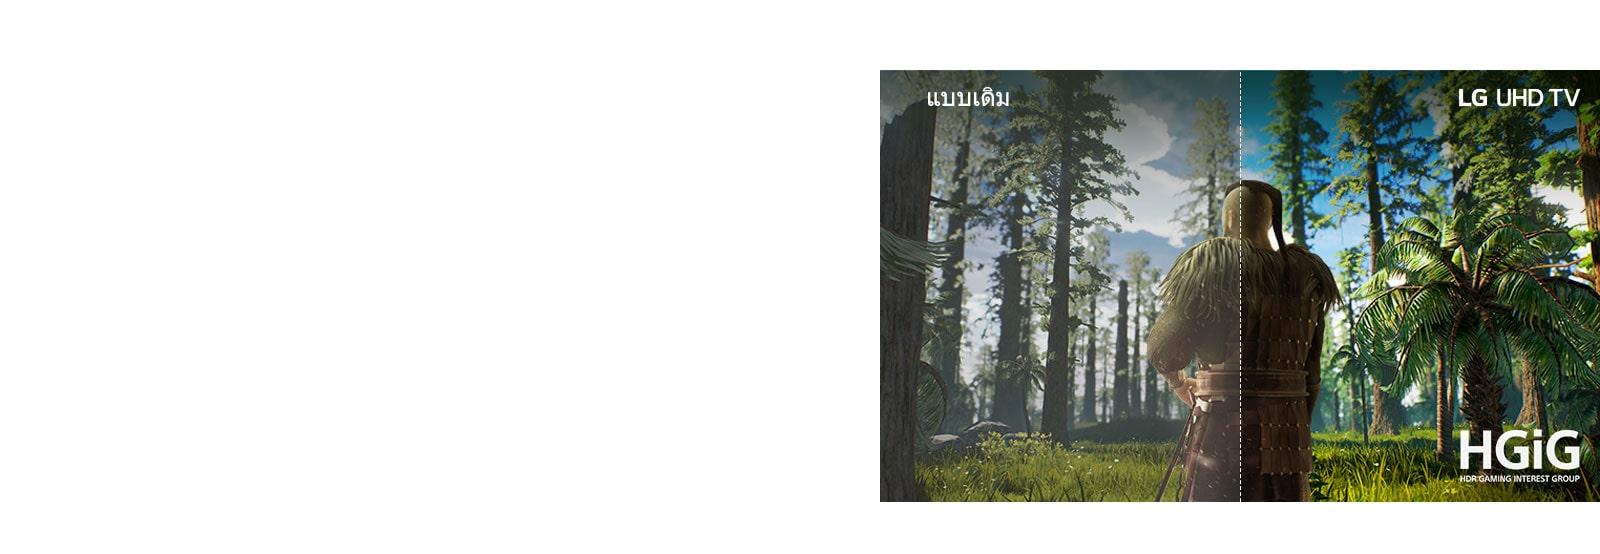 หน้าจอทีวีแสดงฉากเกมที่มีผู้ชายกำลังยืนอยู่ท่ามกลางป่า ครึ่งหนึ่งแสดงในอยู่บนหน้าจอแบบเดิมซึ่งมีคุณภาพรูปภาพต่ำ ครึ่งหนึ่งแสดงคุณภาพของรูปภาพทีวี LG UHD ที่คมชัดสีสดใส